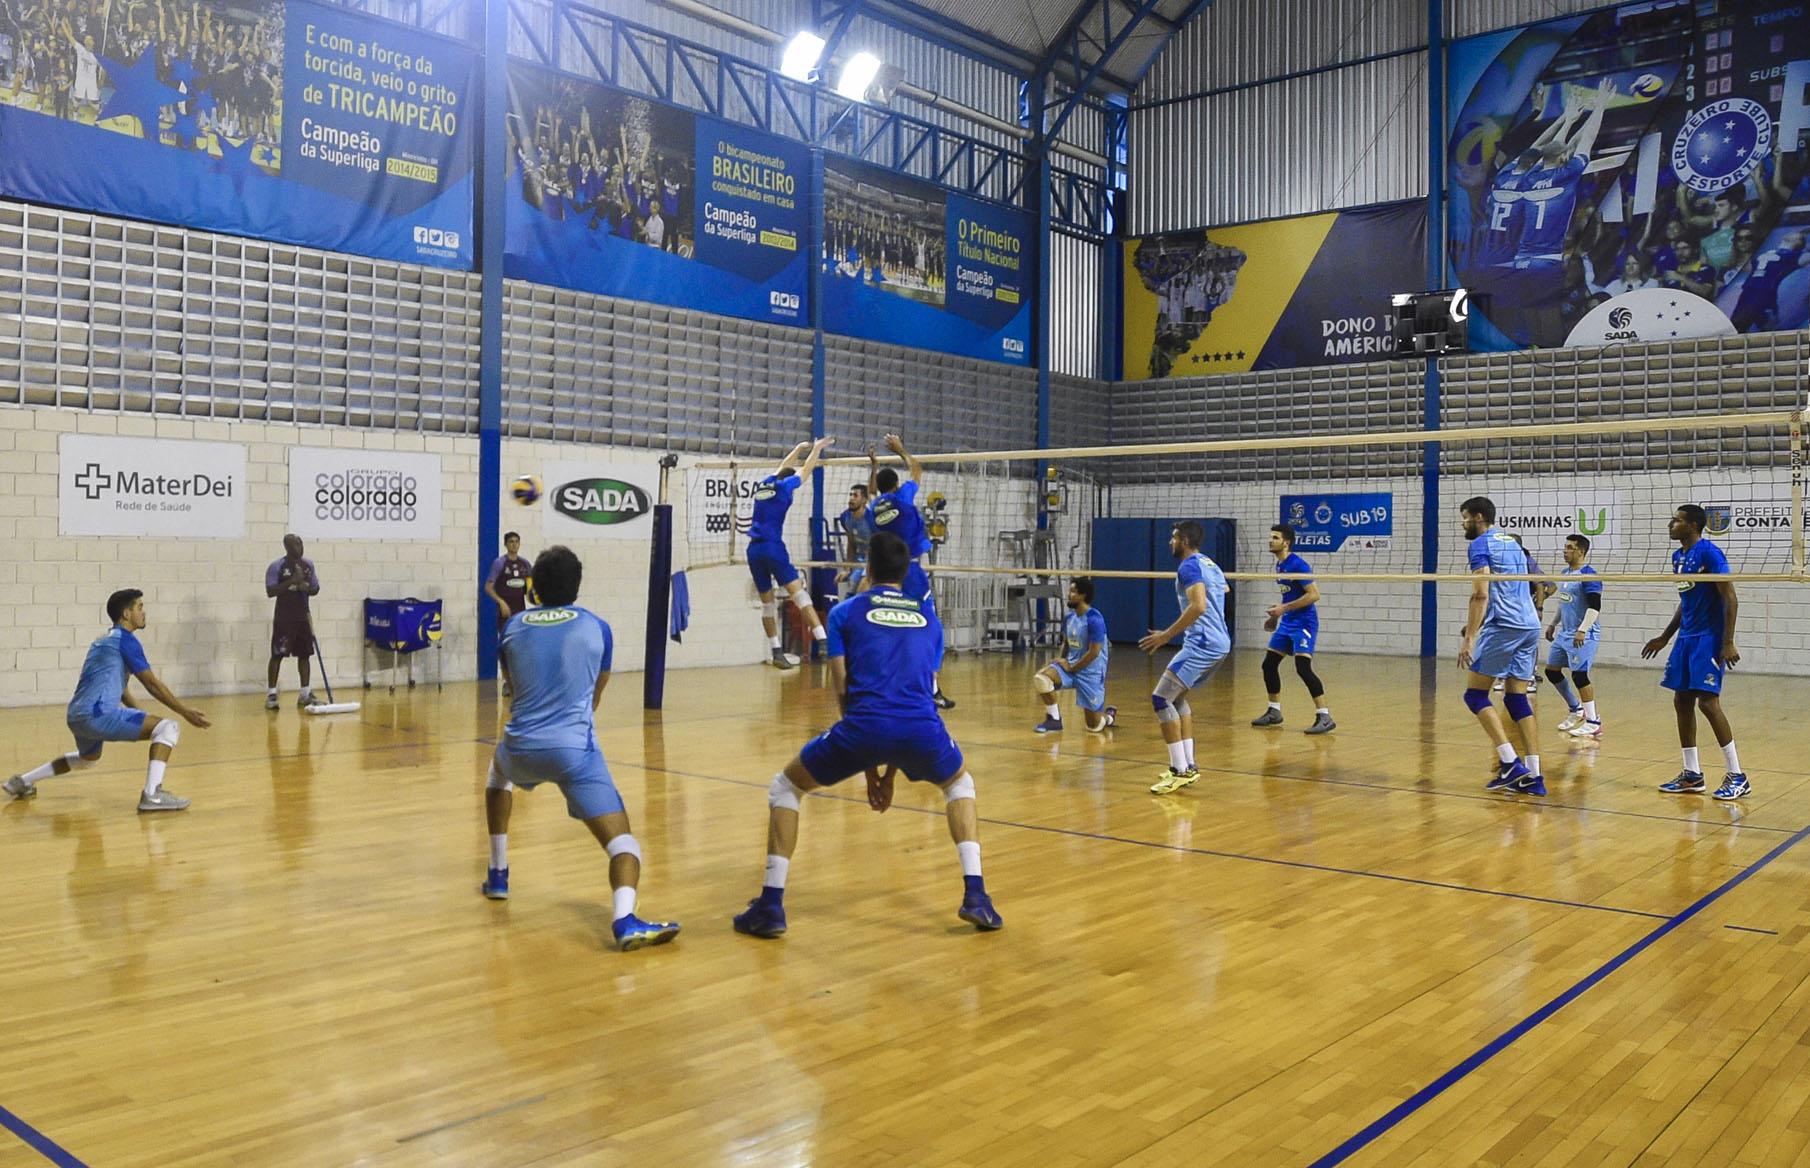 66d7f7333cb48 Sada Cruzeiro reforça preparação para a estreia no Mineiro